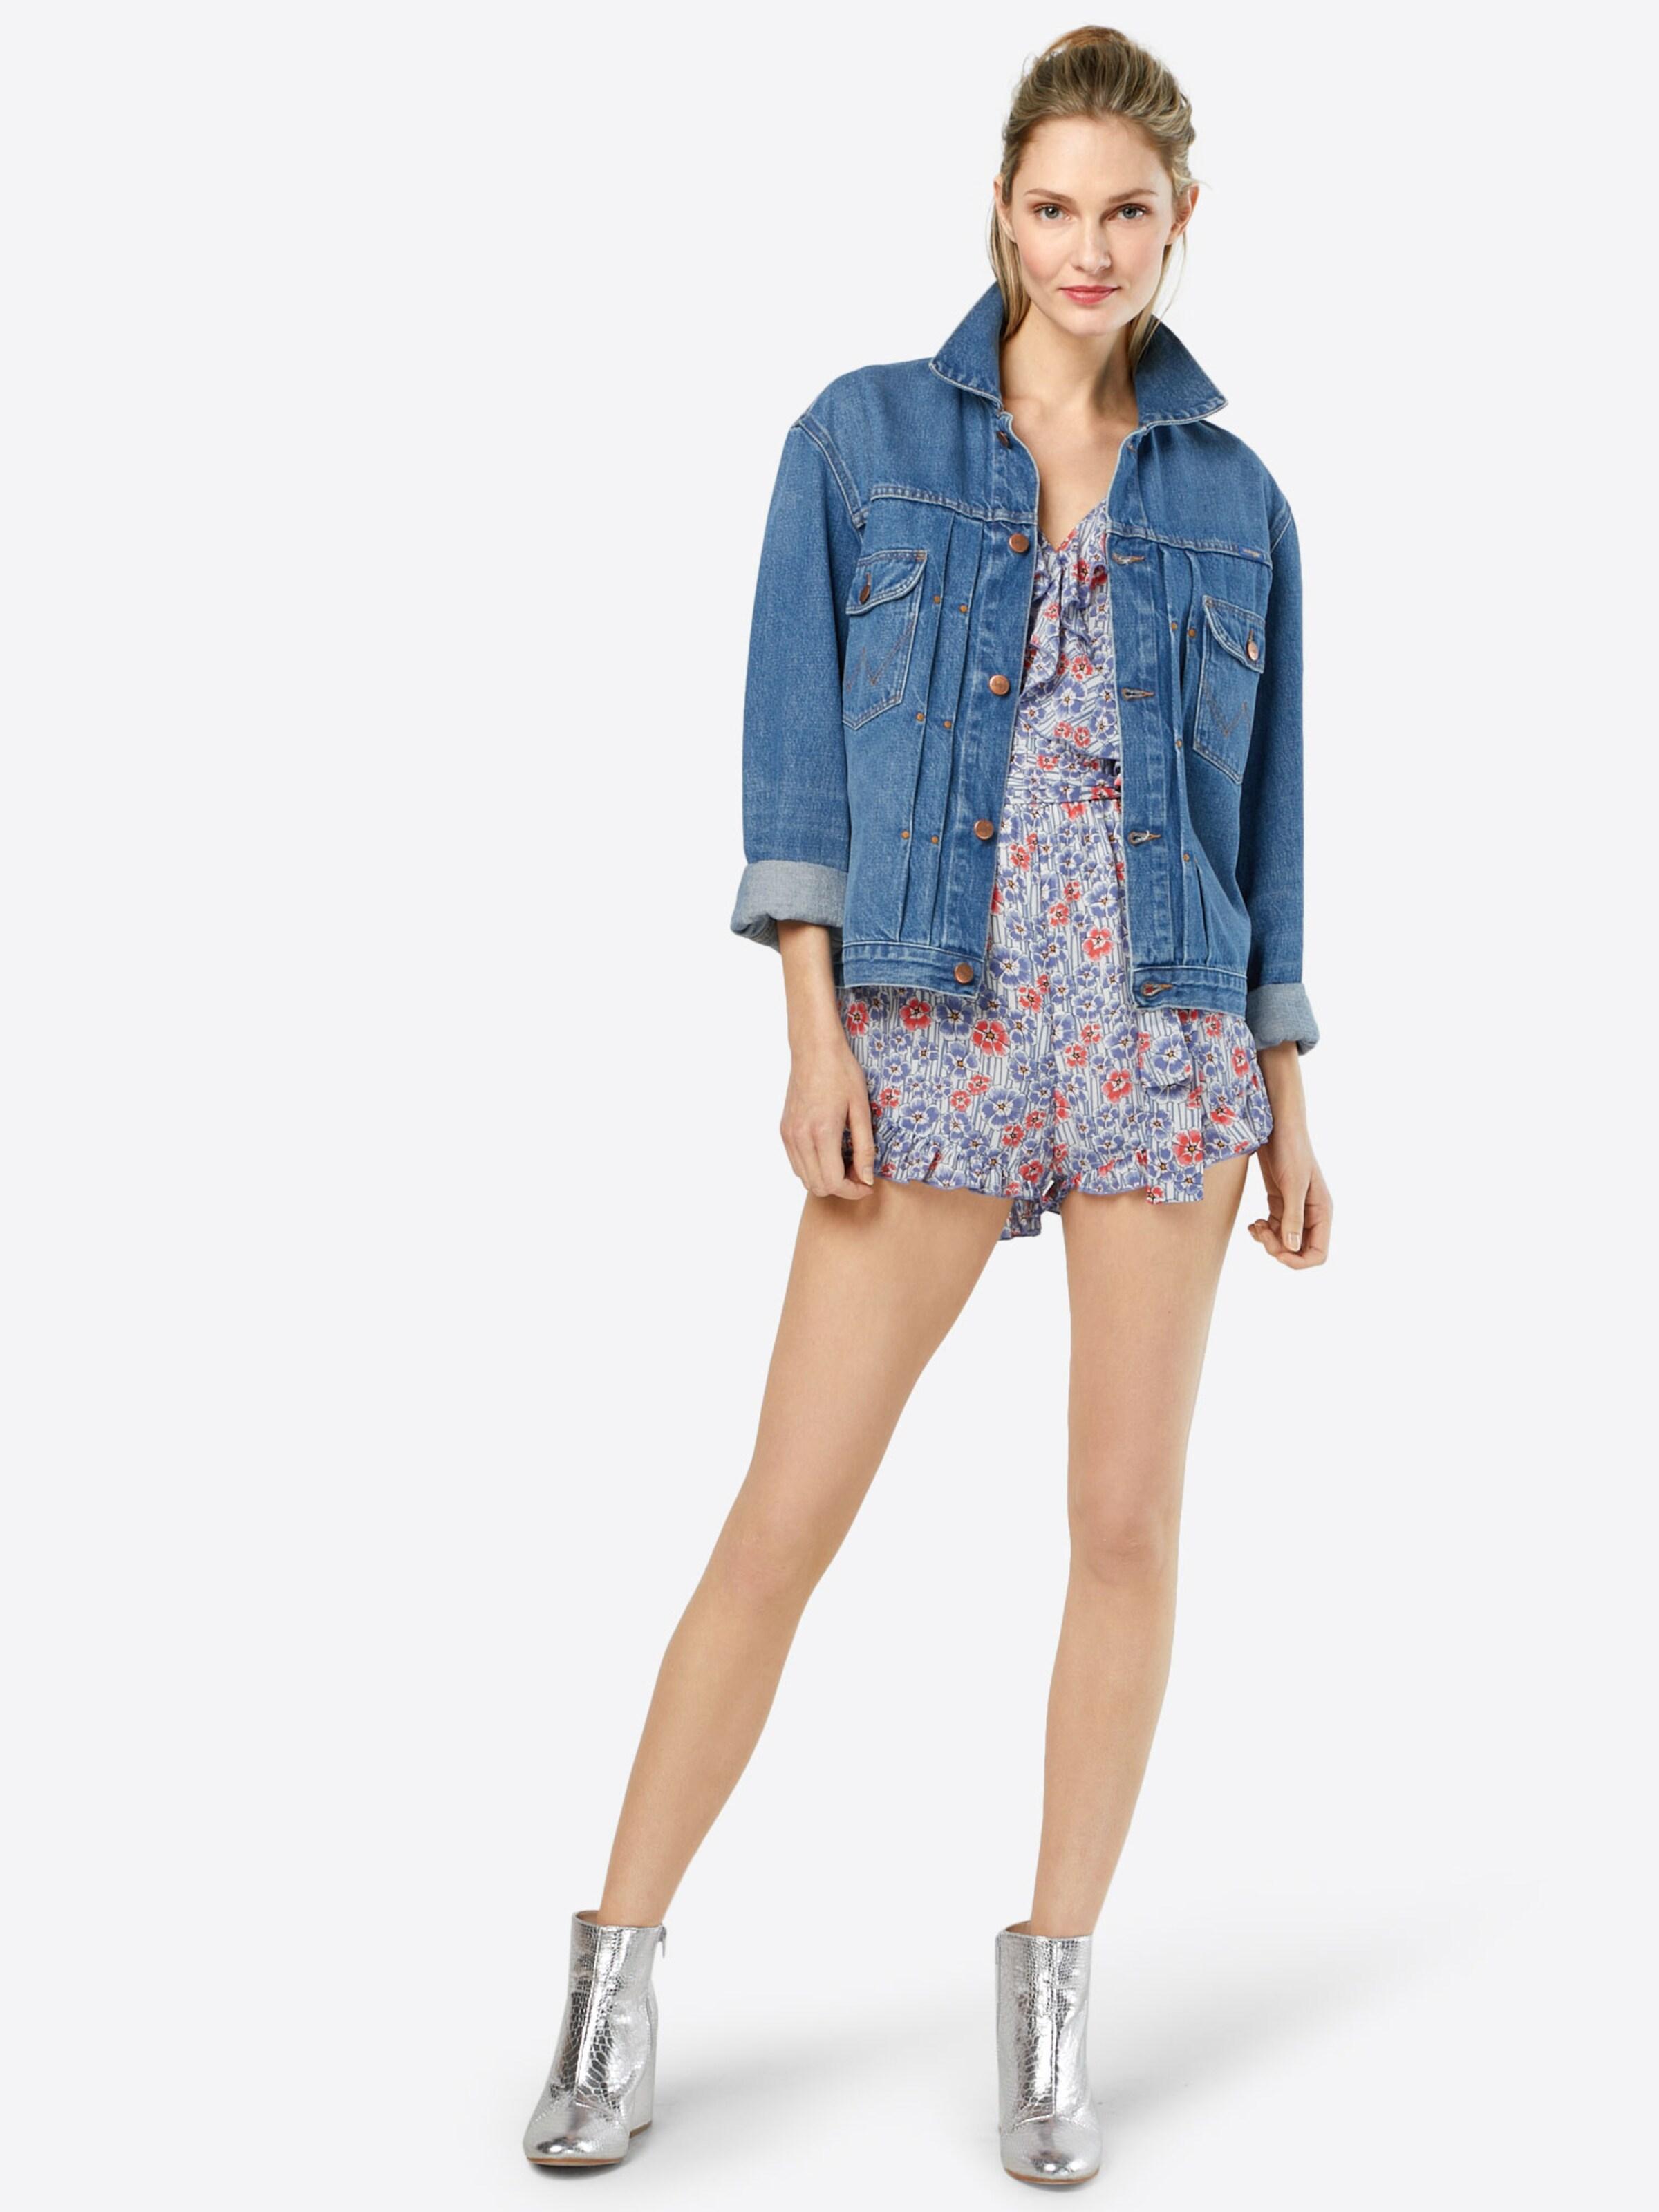 Pepe Jeans Jumper 'BETINA' Discount-Marke Neue Unisex Heißen Verkauf Günstiger Preis Billig Verkauf Erstaunlicher Preis Werksverkauf 4OnN3M